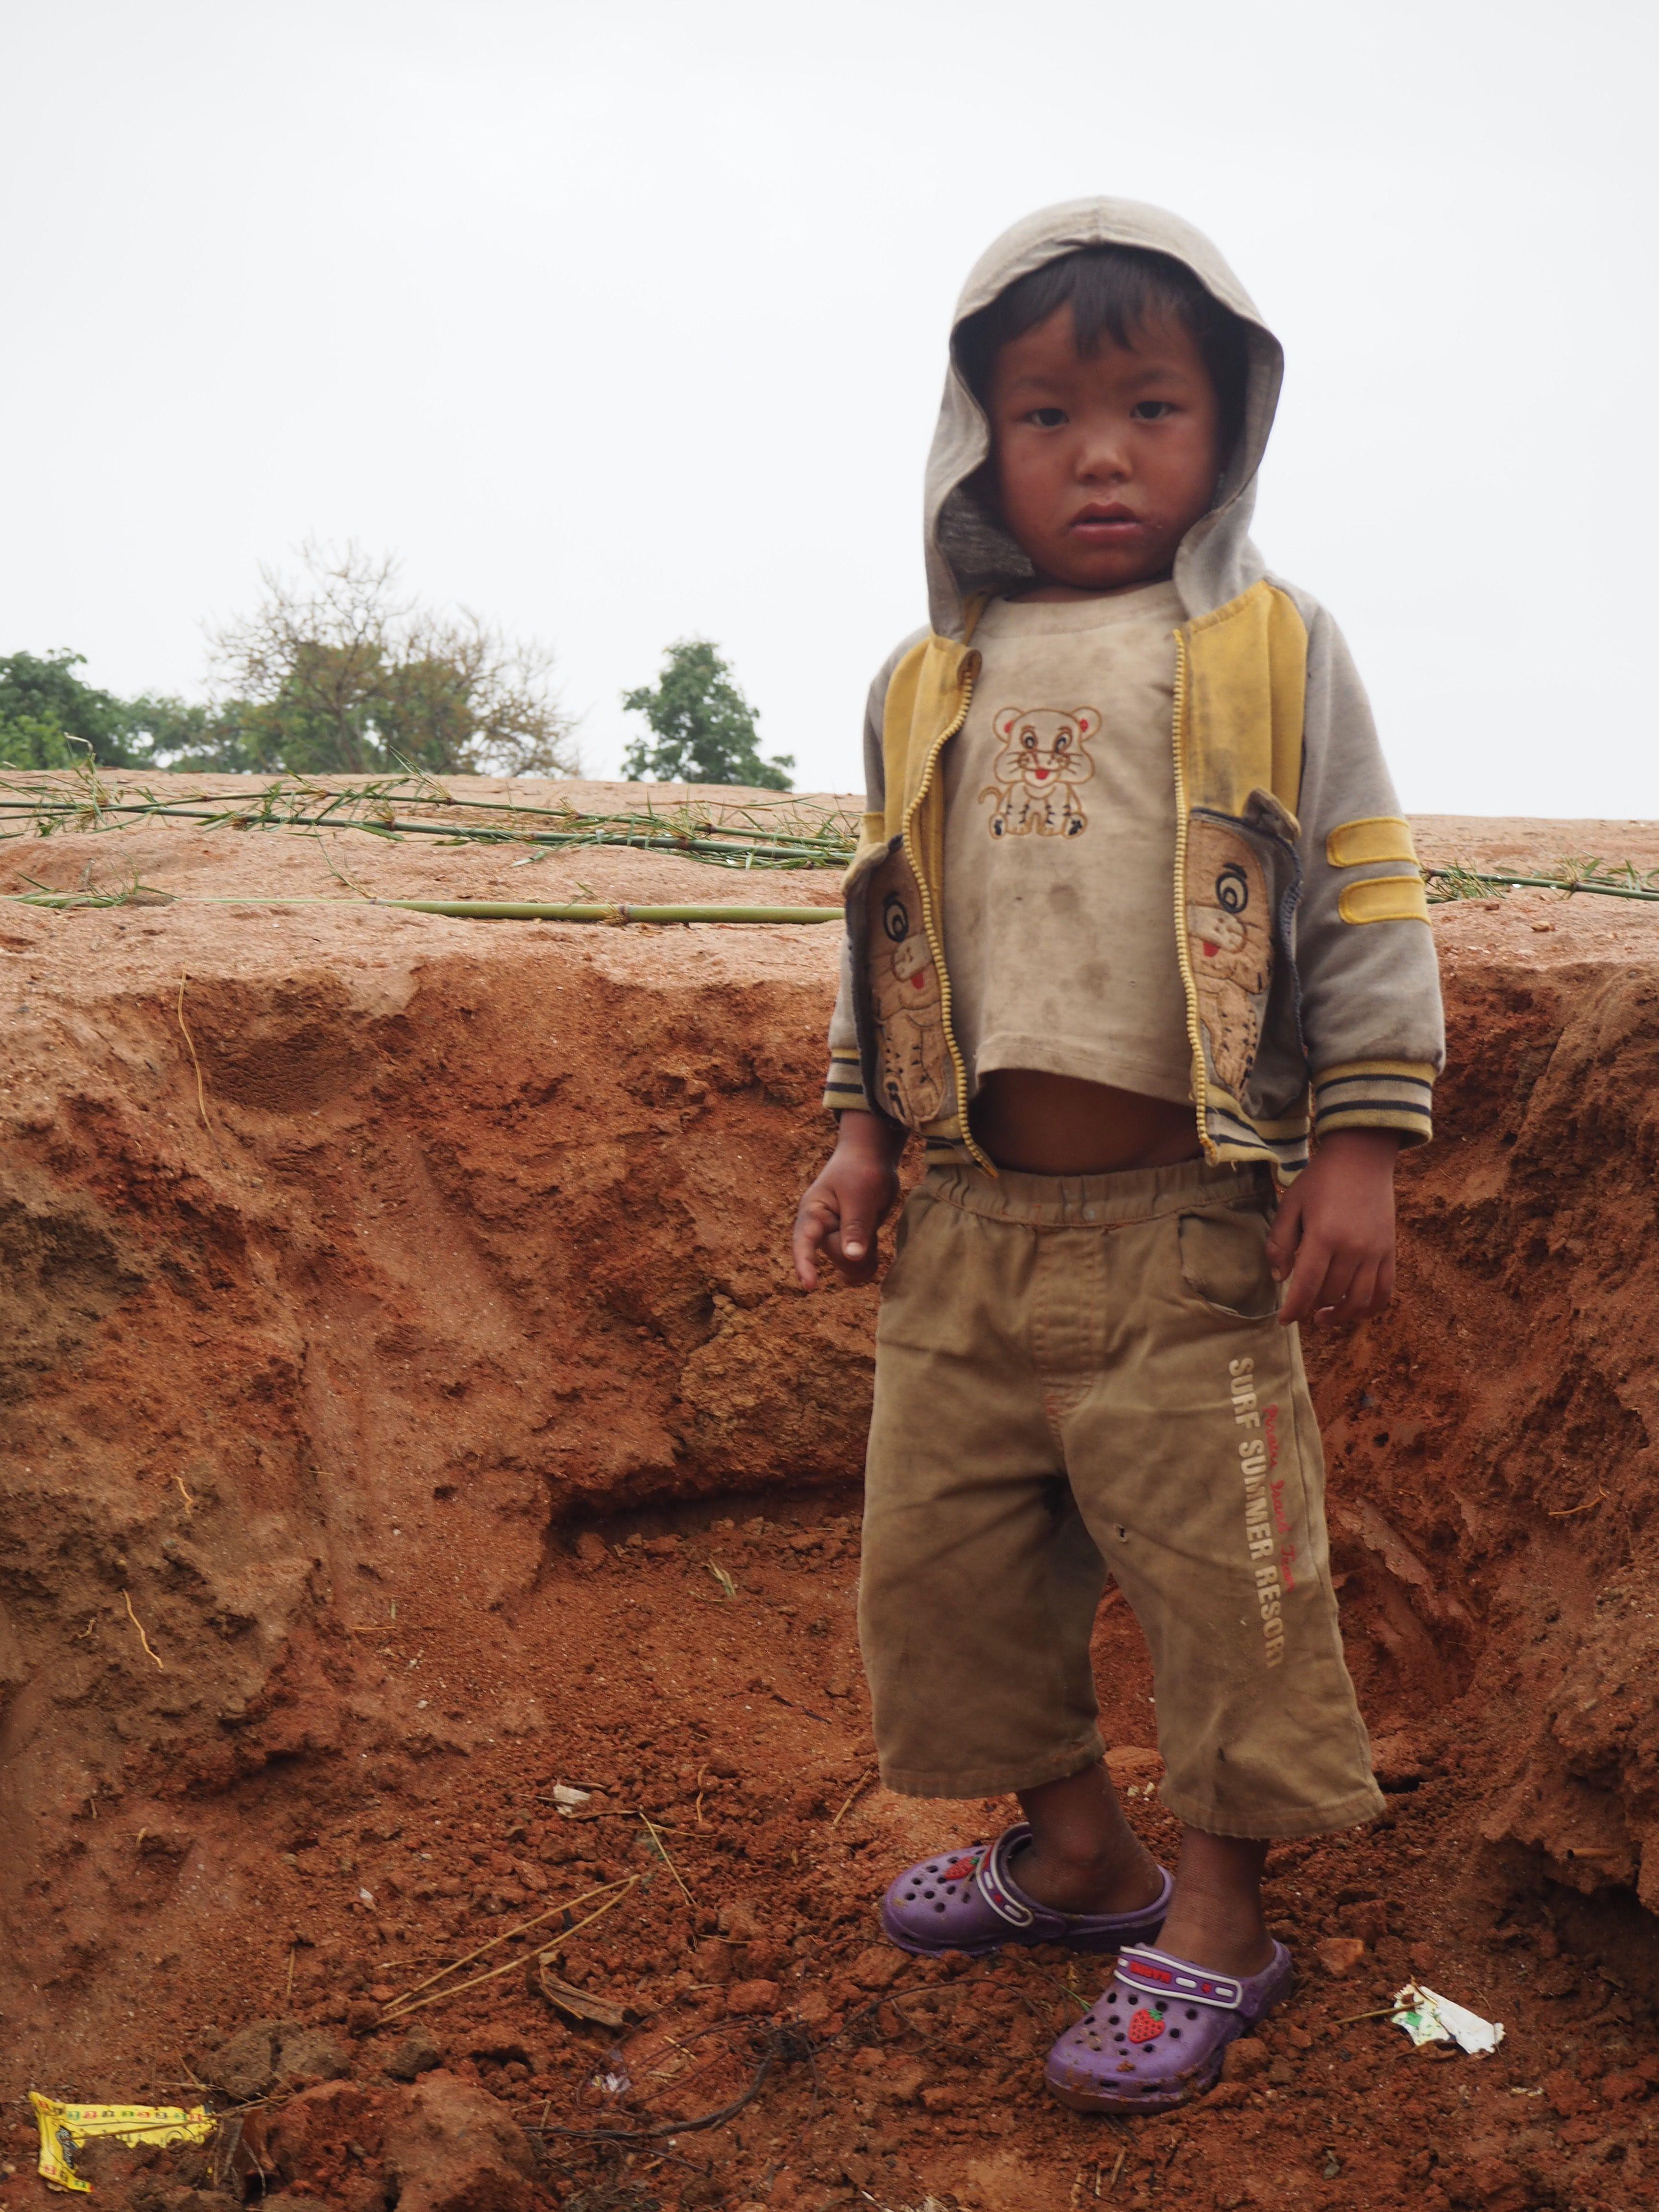 Viele Kinder haben ihre Eltern bei dem Erdbeben verloren und bleiben als Waisen allein zurück. #nepal #earthquake #erdbeben